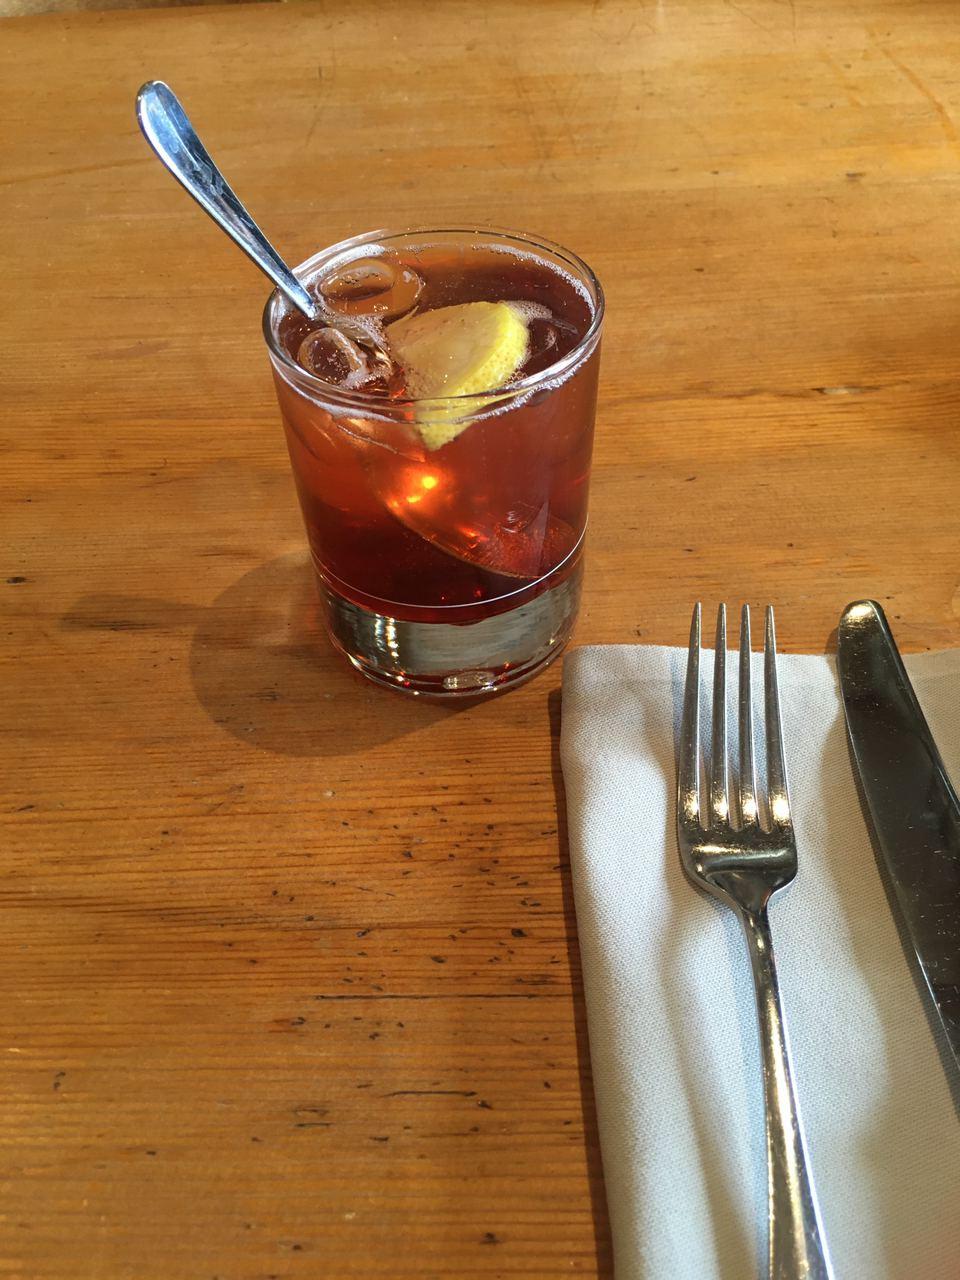 Cascara-tonic, une boisson originale à décliner sans ou avec un bon alcool